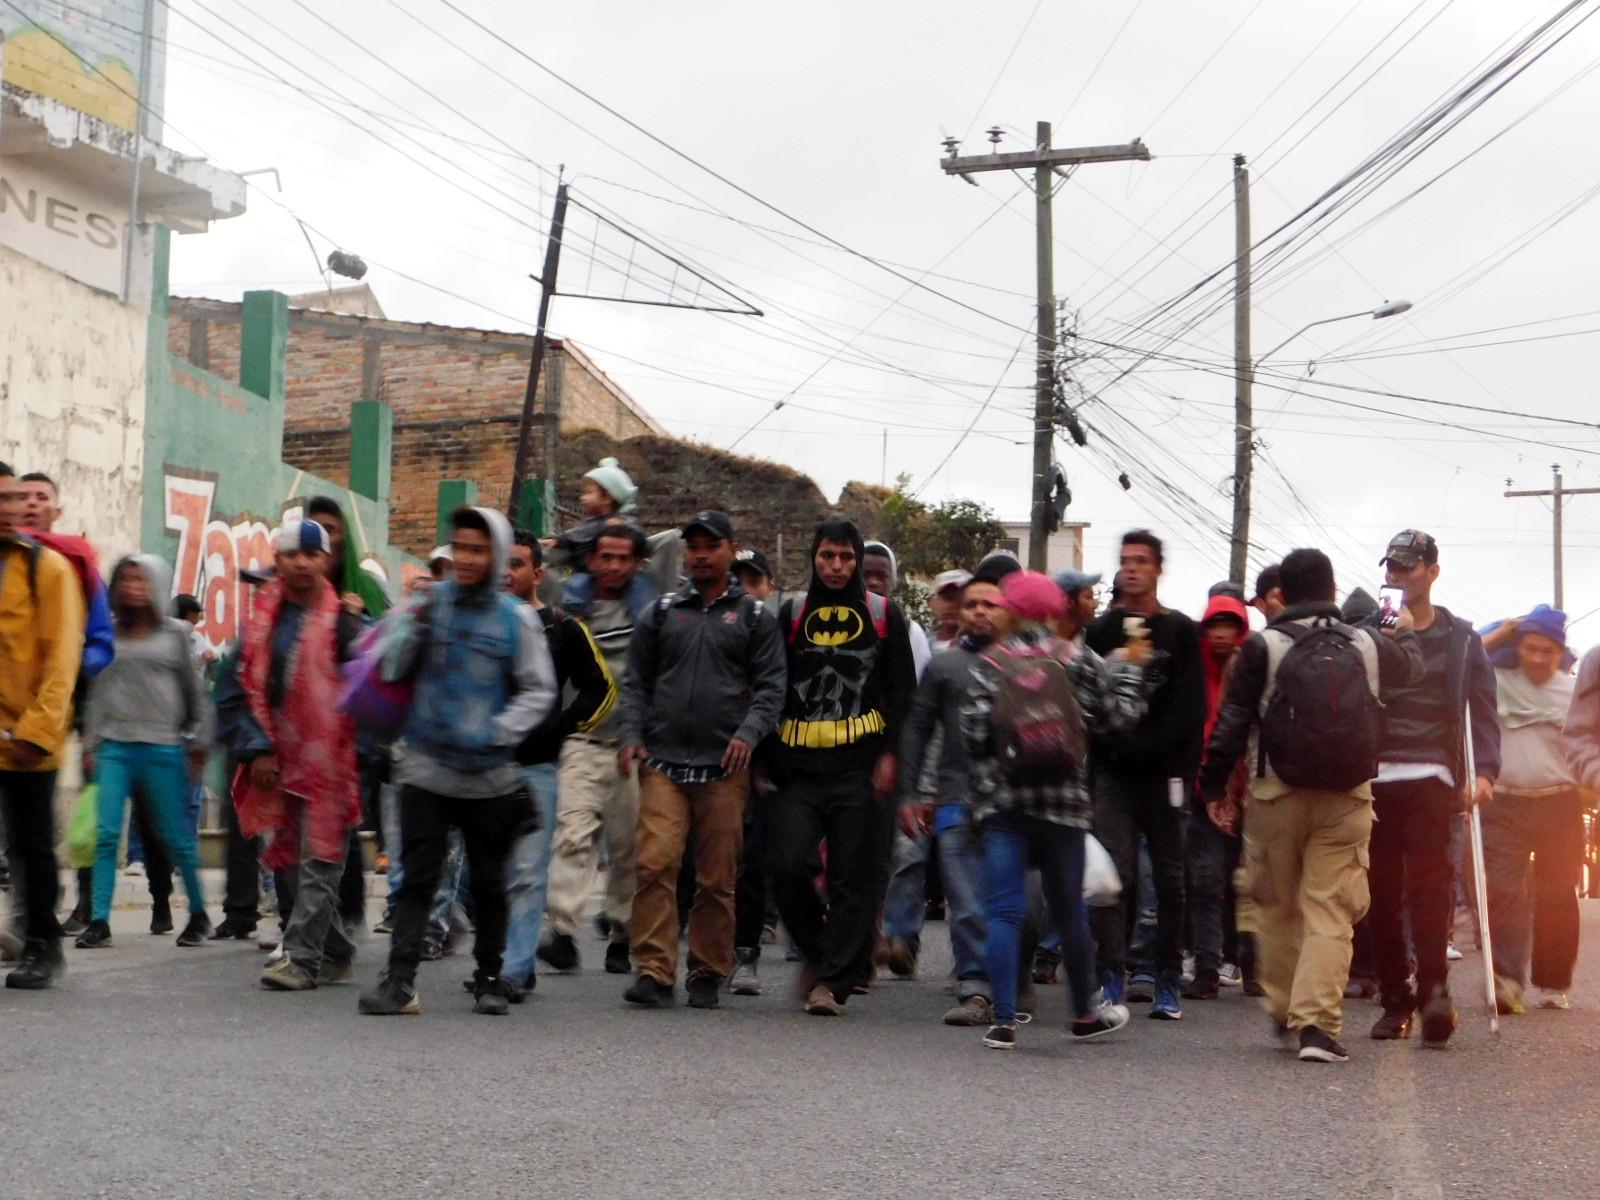 Homosexuales, lesbianas, personas trans y bisexuales también huyen de la discriminación y los crímenes de odios en países como Honduras y El Salvador, en donde se registran asesinatos atroces en contra de la población LGBTIQ.